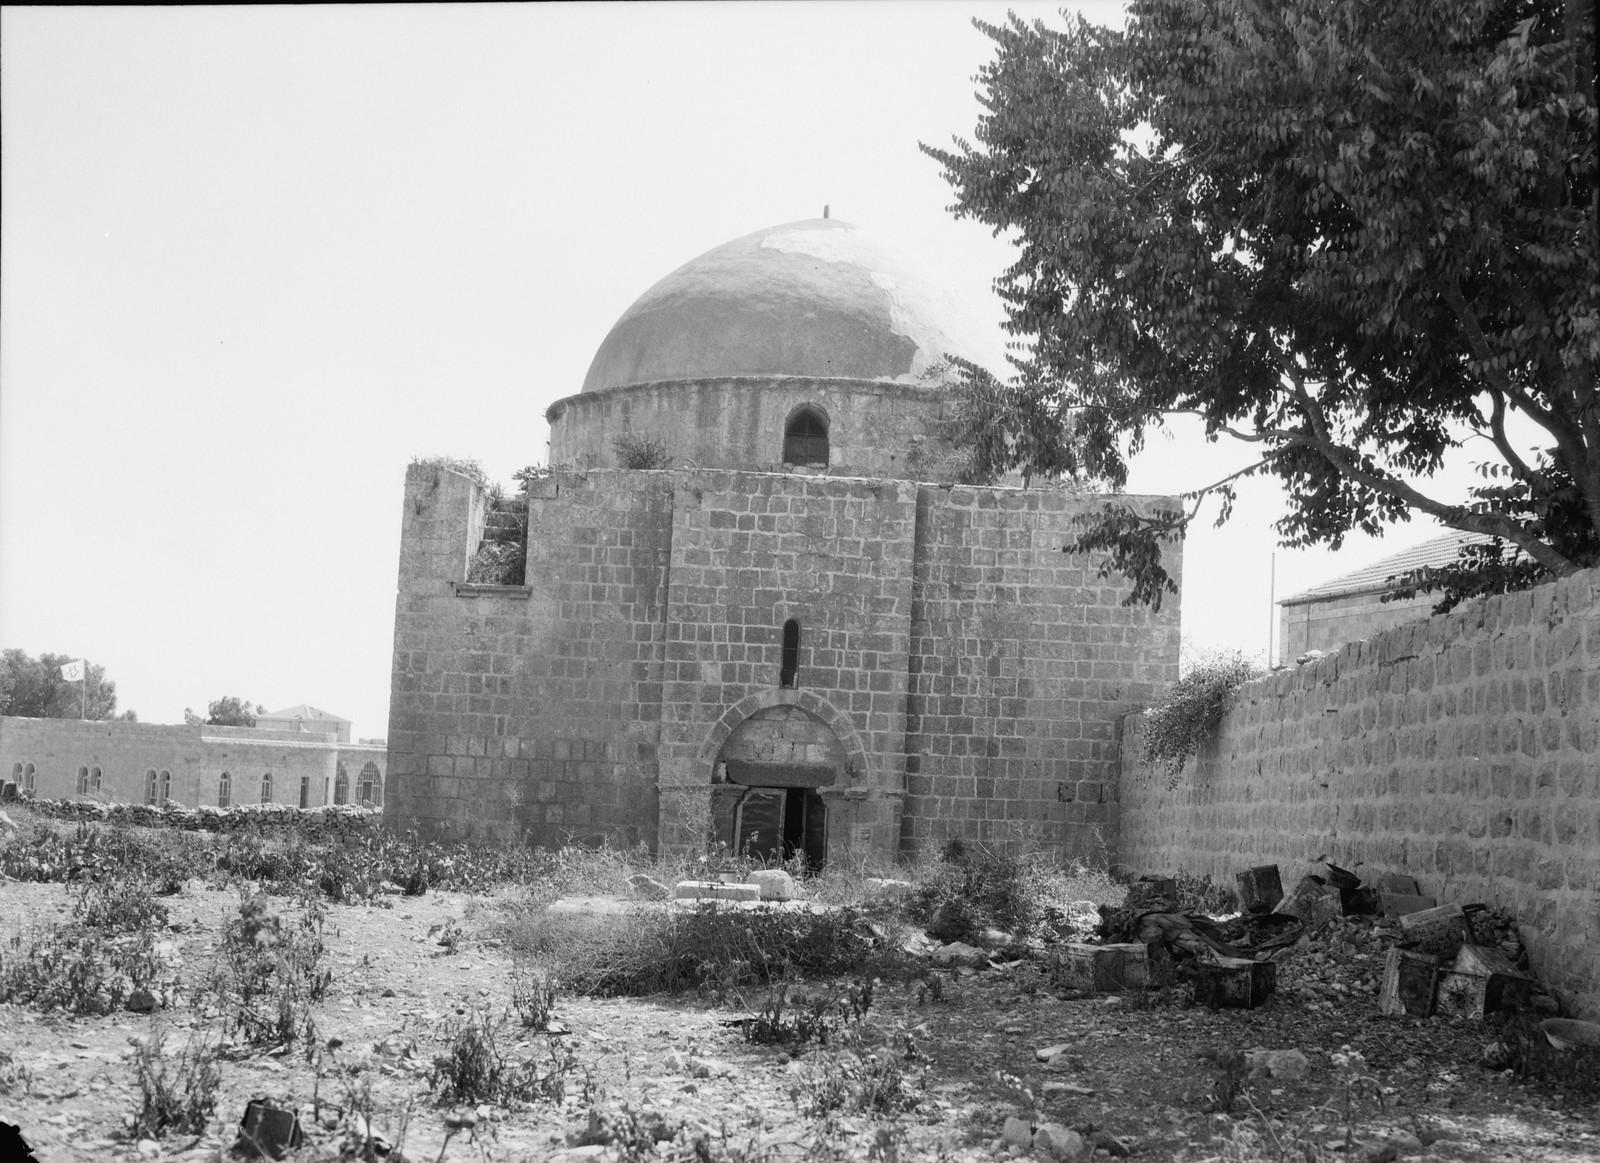 26. 23–31 августа.  Мечеть «Авкаши» возле еврейского квартала Иерусалима была осквернена евреями в рамках возмездия за Хевронскую резню